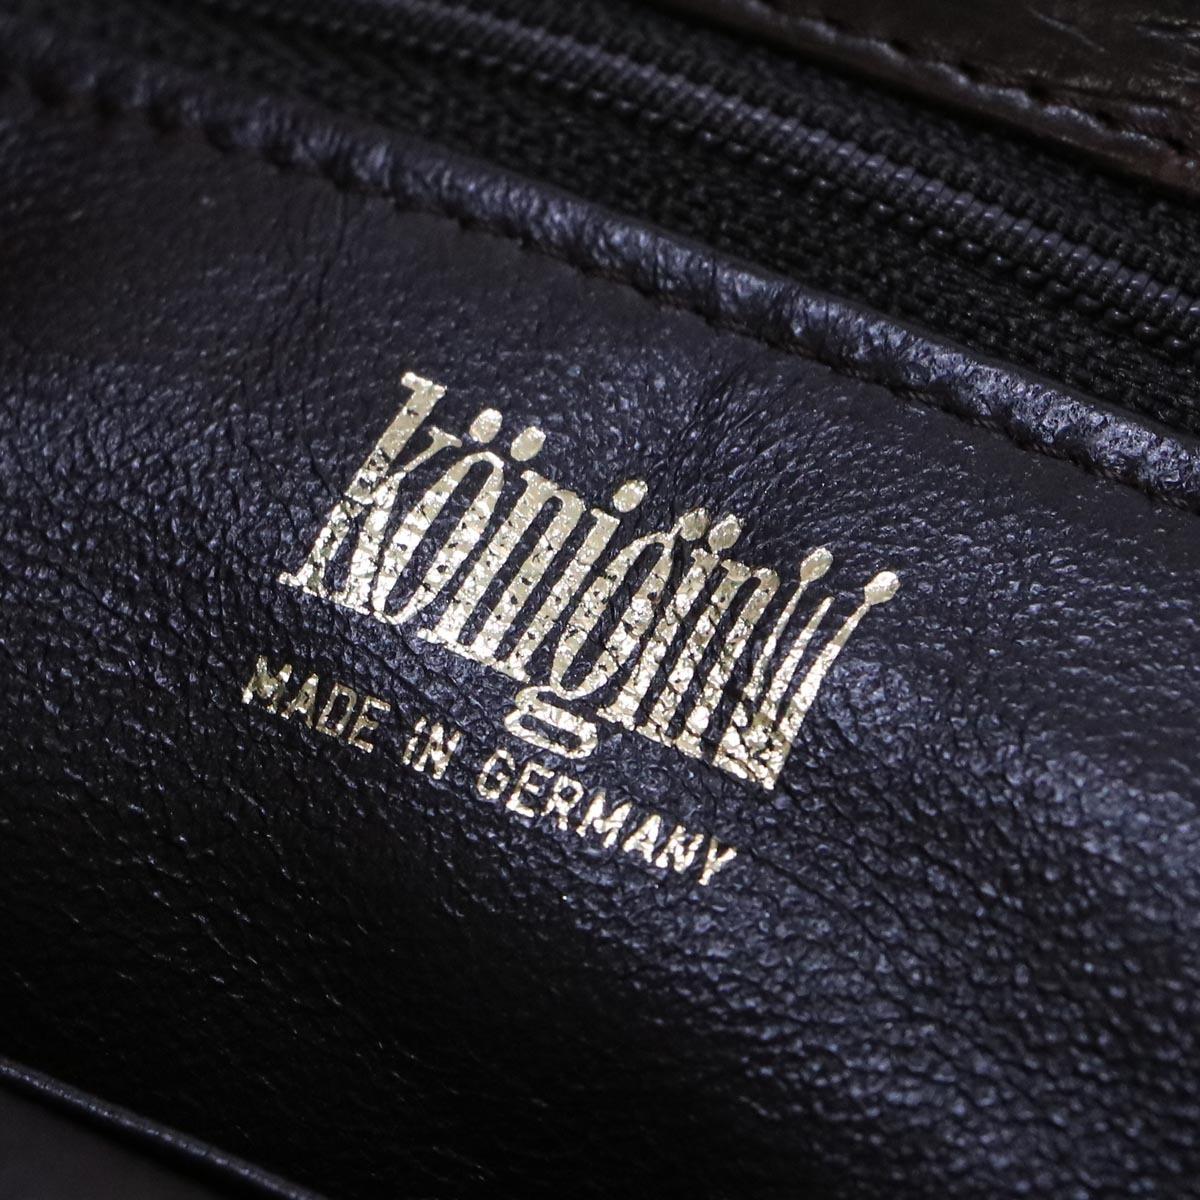 本物 極上品 クーニギン 最高級マットクロコダイルレザートートバッグ 総ワニ革 クロコレザーショルダーバッグ 袋 冊子付 KONIGIN_画像9